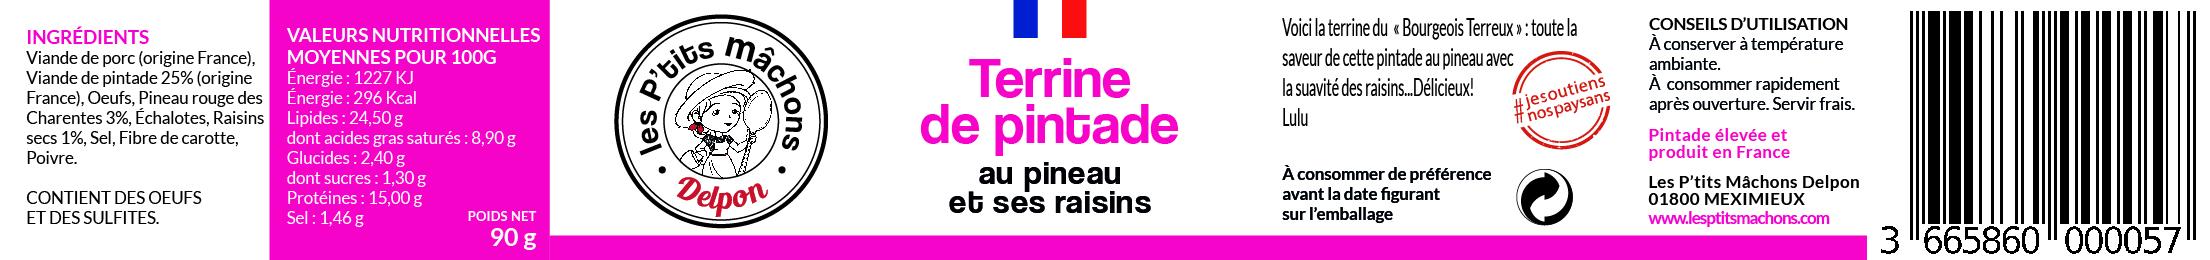 Terrine de pintade au Pineau et ses raisins